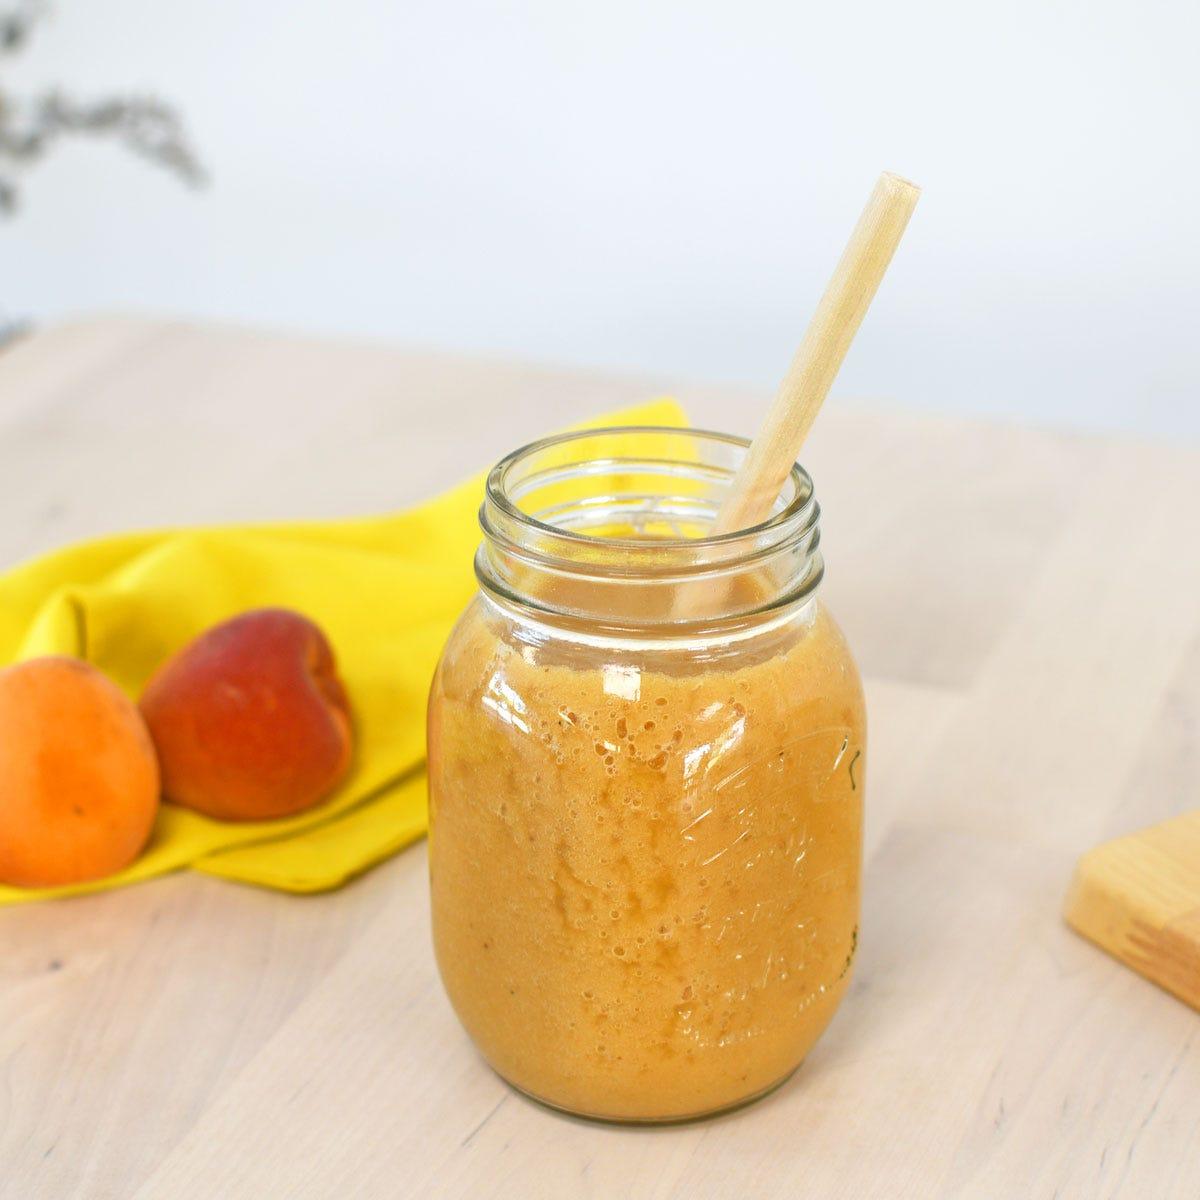 El ideal para refrescarse durante el verano: un delicioso smoothie muy fácil de realizar con frutas de temporada.